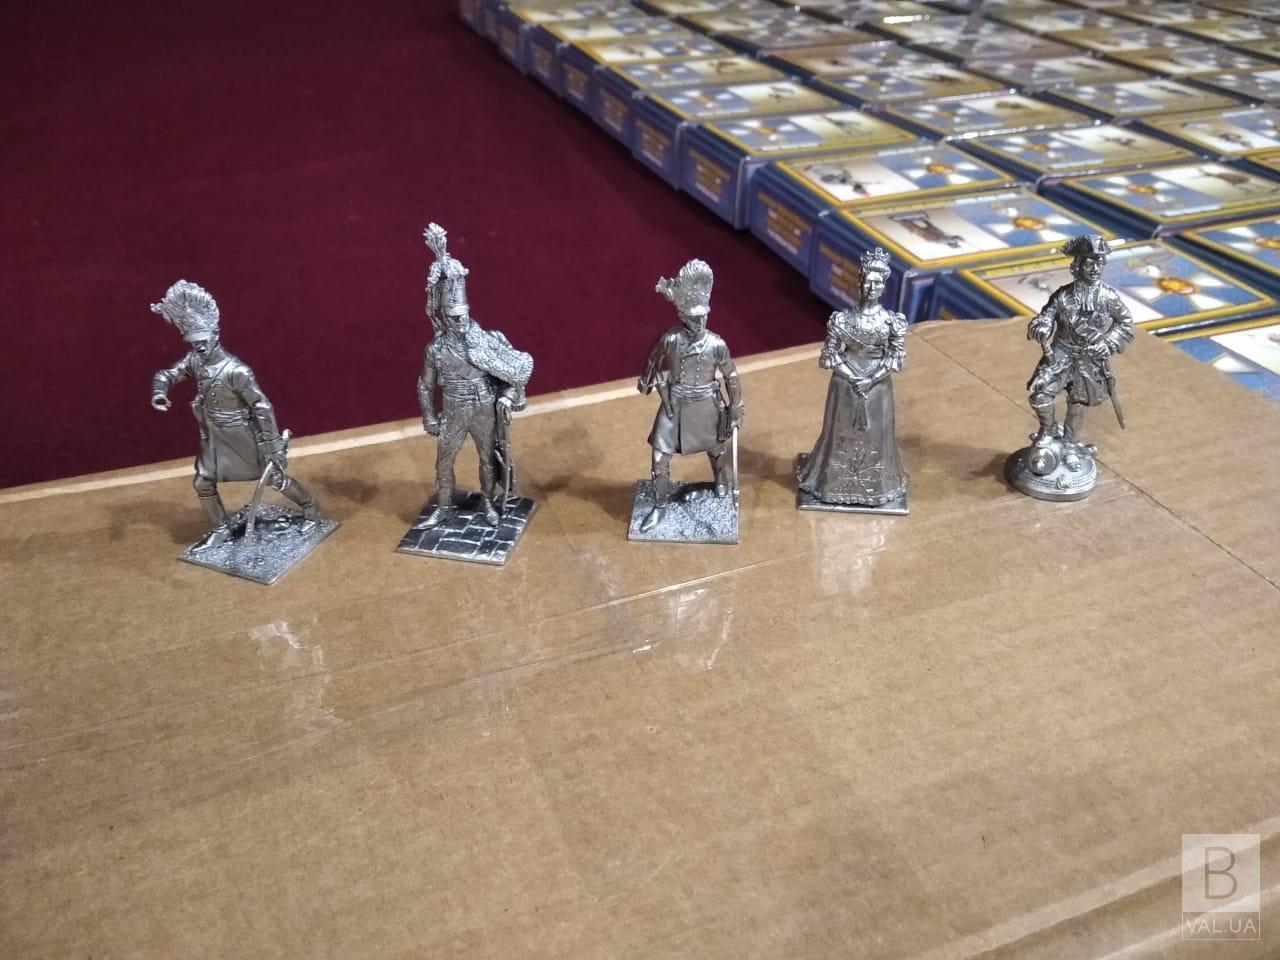 Водій вантажівки намагався провезти через кордон колекцію олов'яних солдатиків на понад 700 тисяч гривень. ФОТО